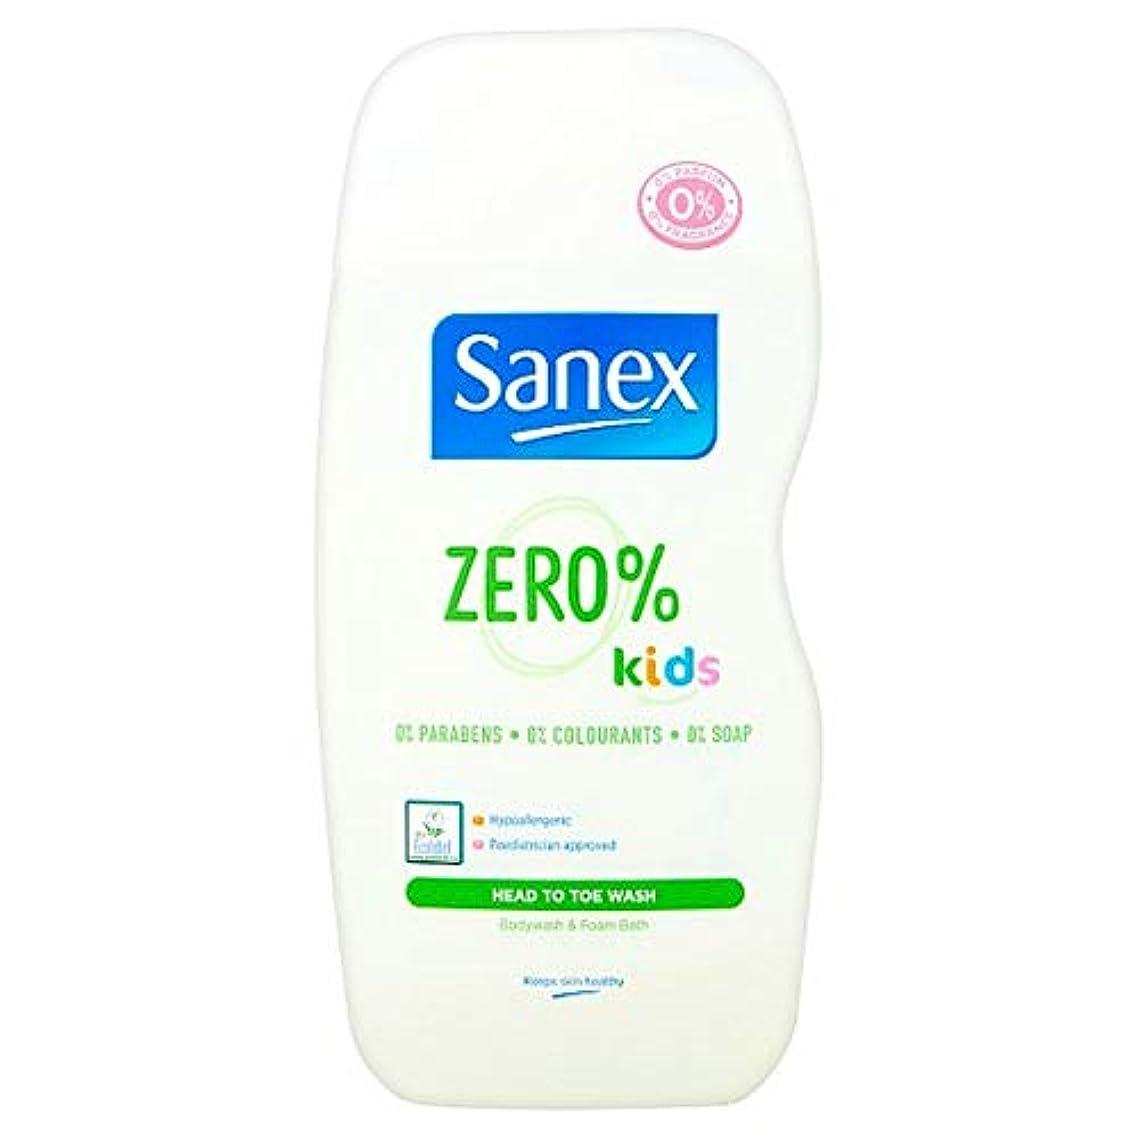 劣る超音速ジョージスティーブンソン[Sanex] Sanexゼロ%キッズボディウォッシュとFoambath 500ミリリットル - Sanex Zero% Kids Body Wash And Foambath 500Ml [並行輸入品]